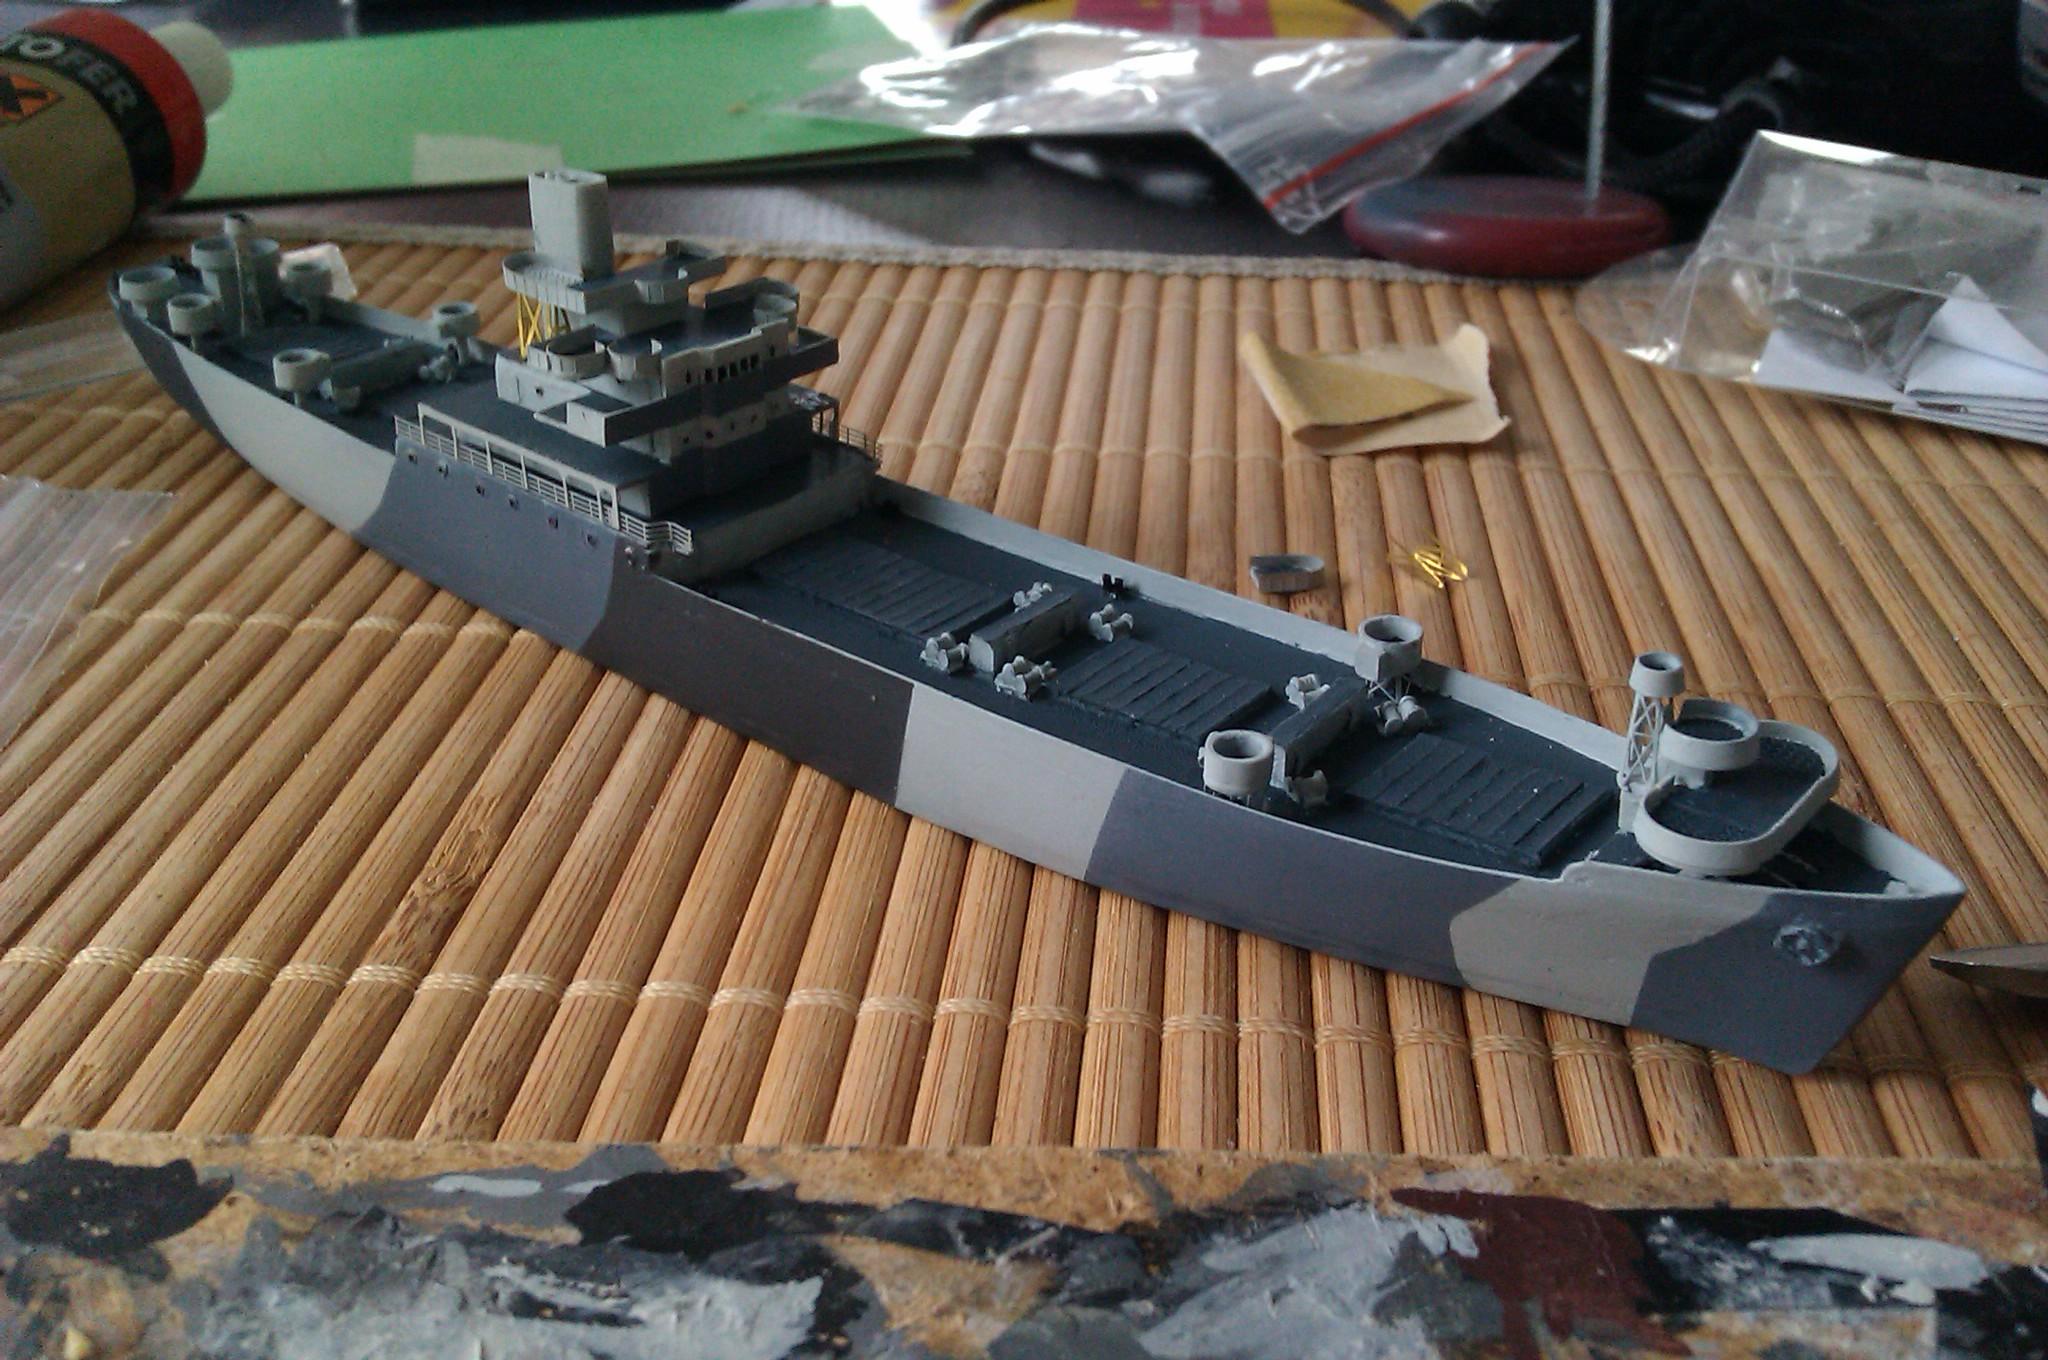 USS Thurston 1/700 à partir du kit Armerican scout de Loose cannon 8Hps9S